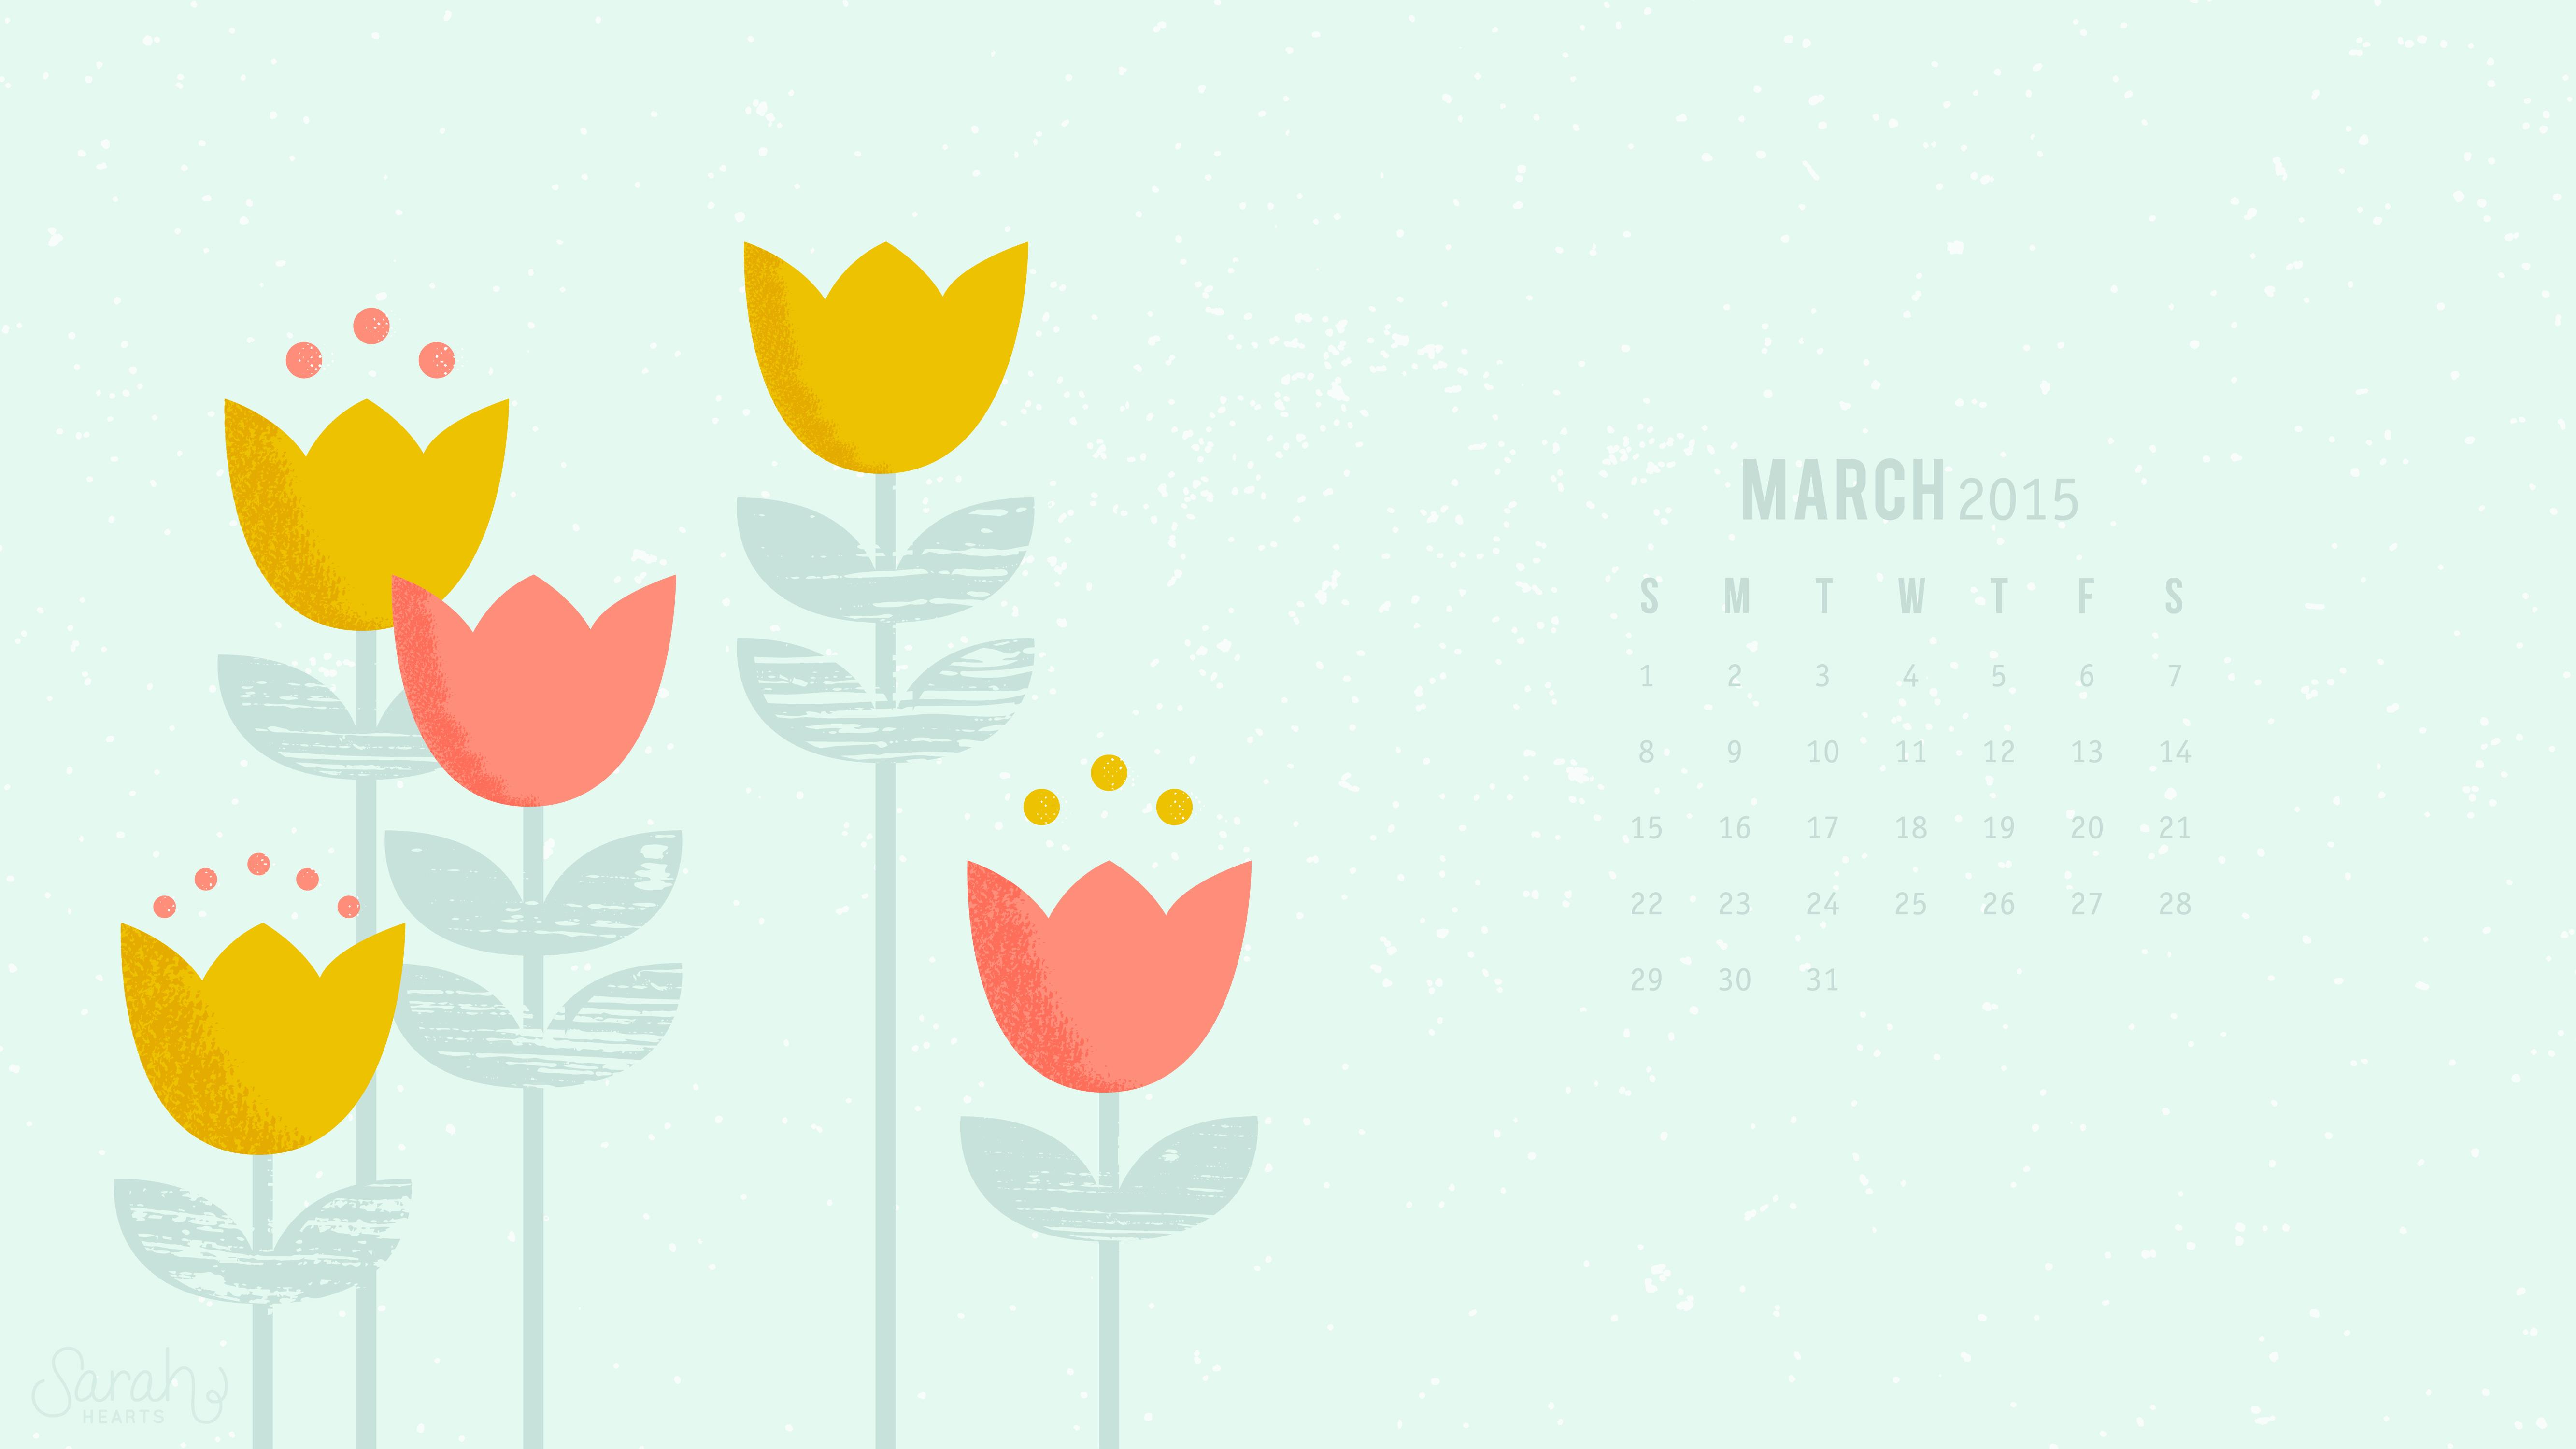 Sunflower Wallpaper Quote Desktop March 2015 Calendar Wallpaper Sarah Hearts